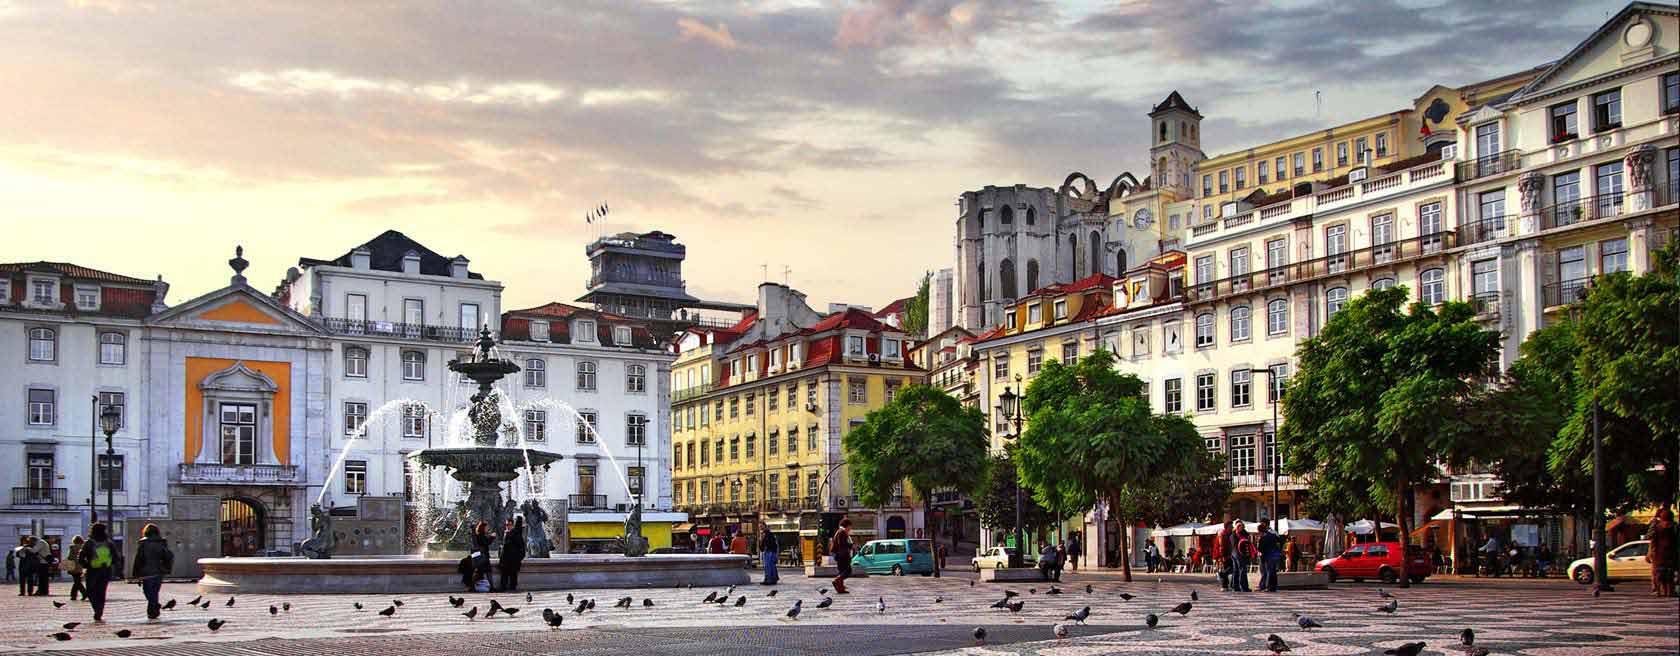 LISBONNE-lisbon-architecture-travel-city-guide-lisboa_Q40_